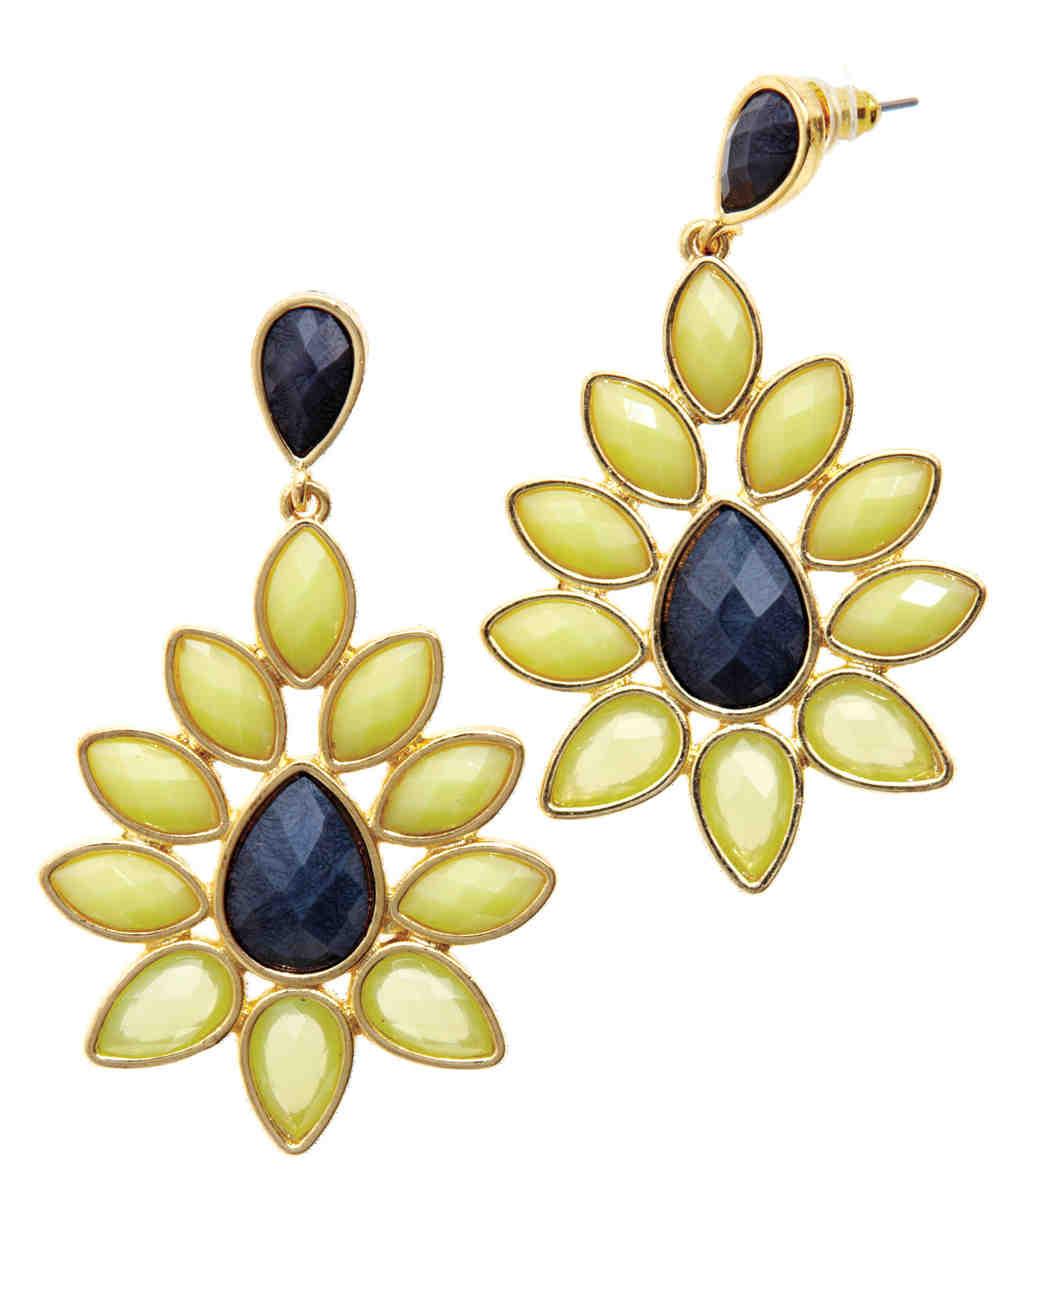 travel-accessories-ear-rings-mwd107604.jpg